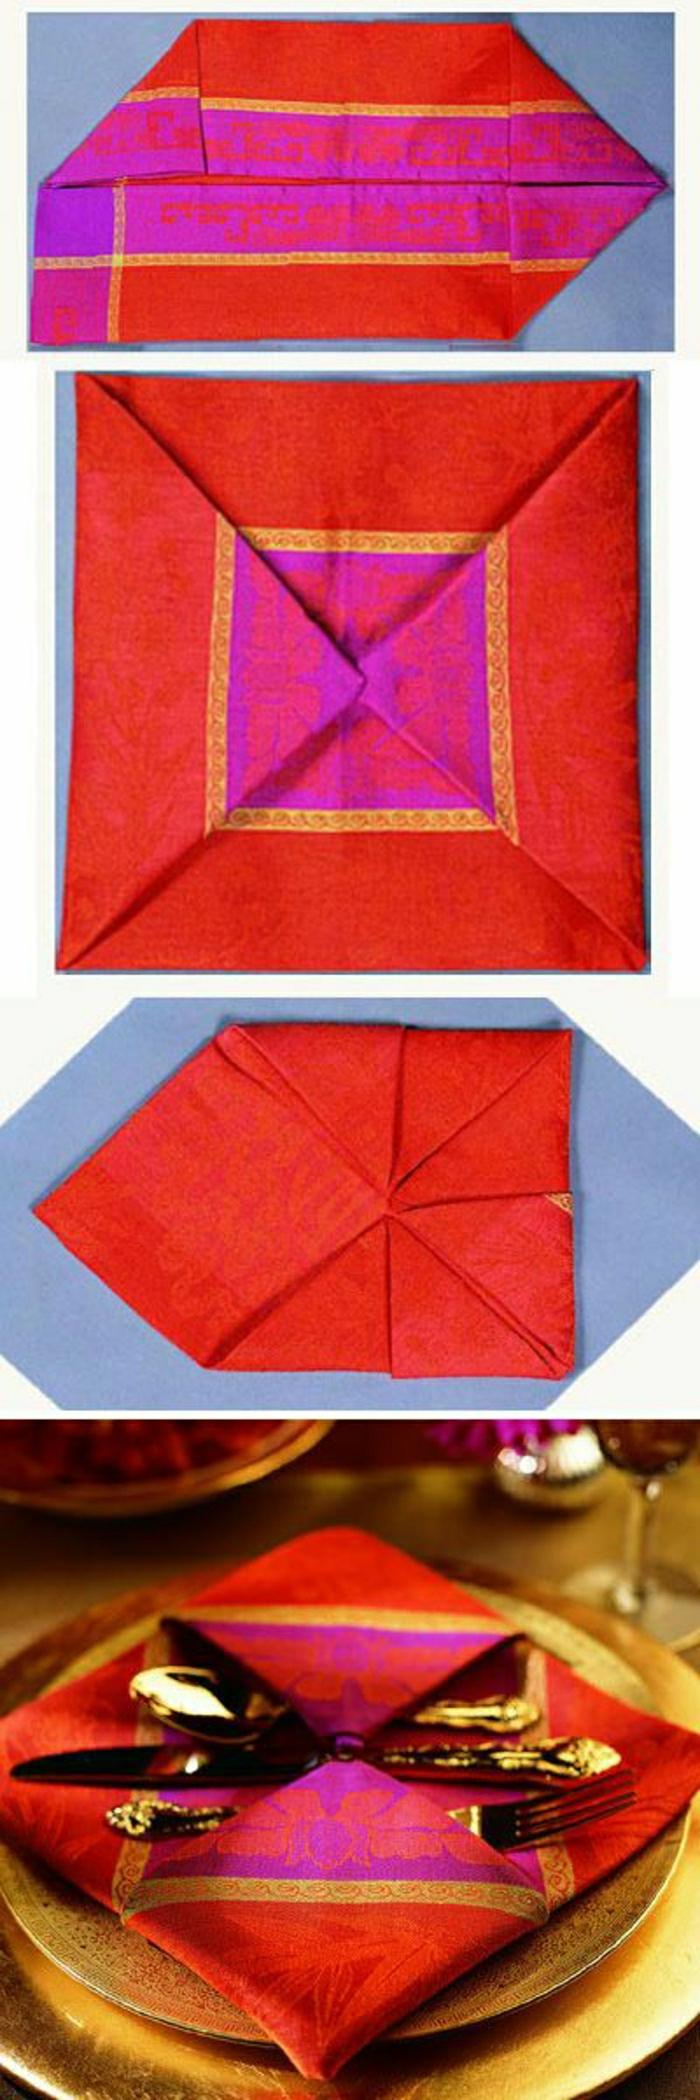 pliage-serviette-papier-rouge-serviette-de-la-table-élégant-mode-de-pliage